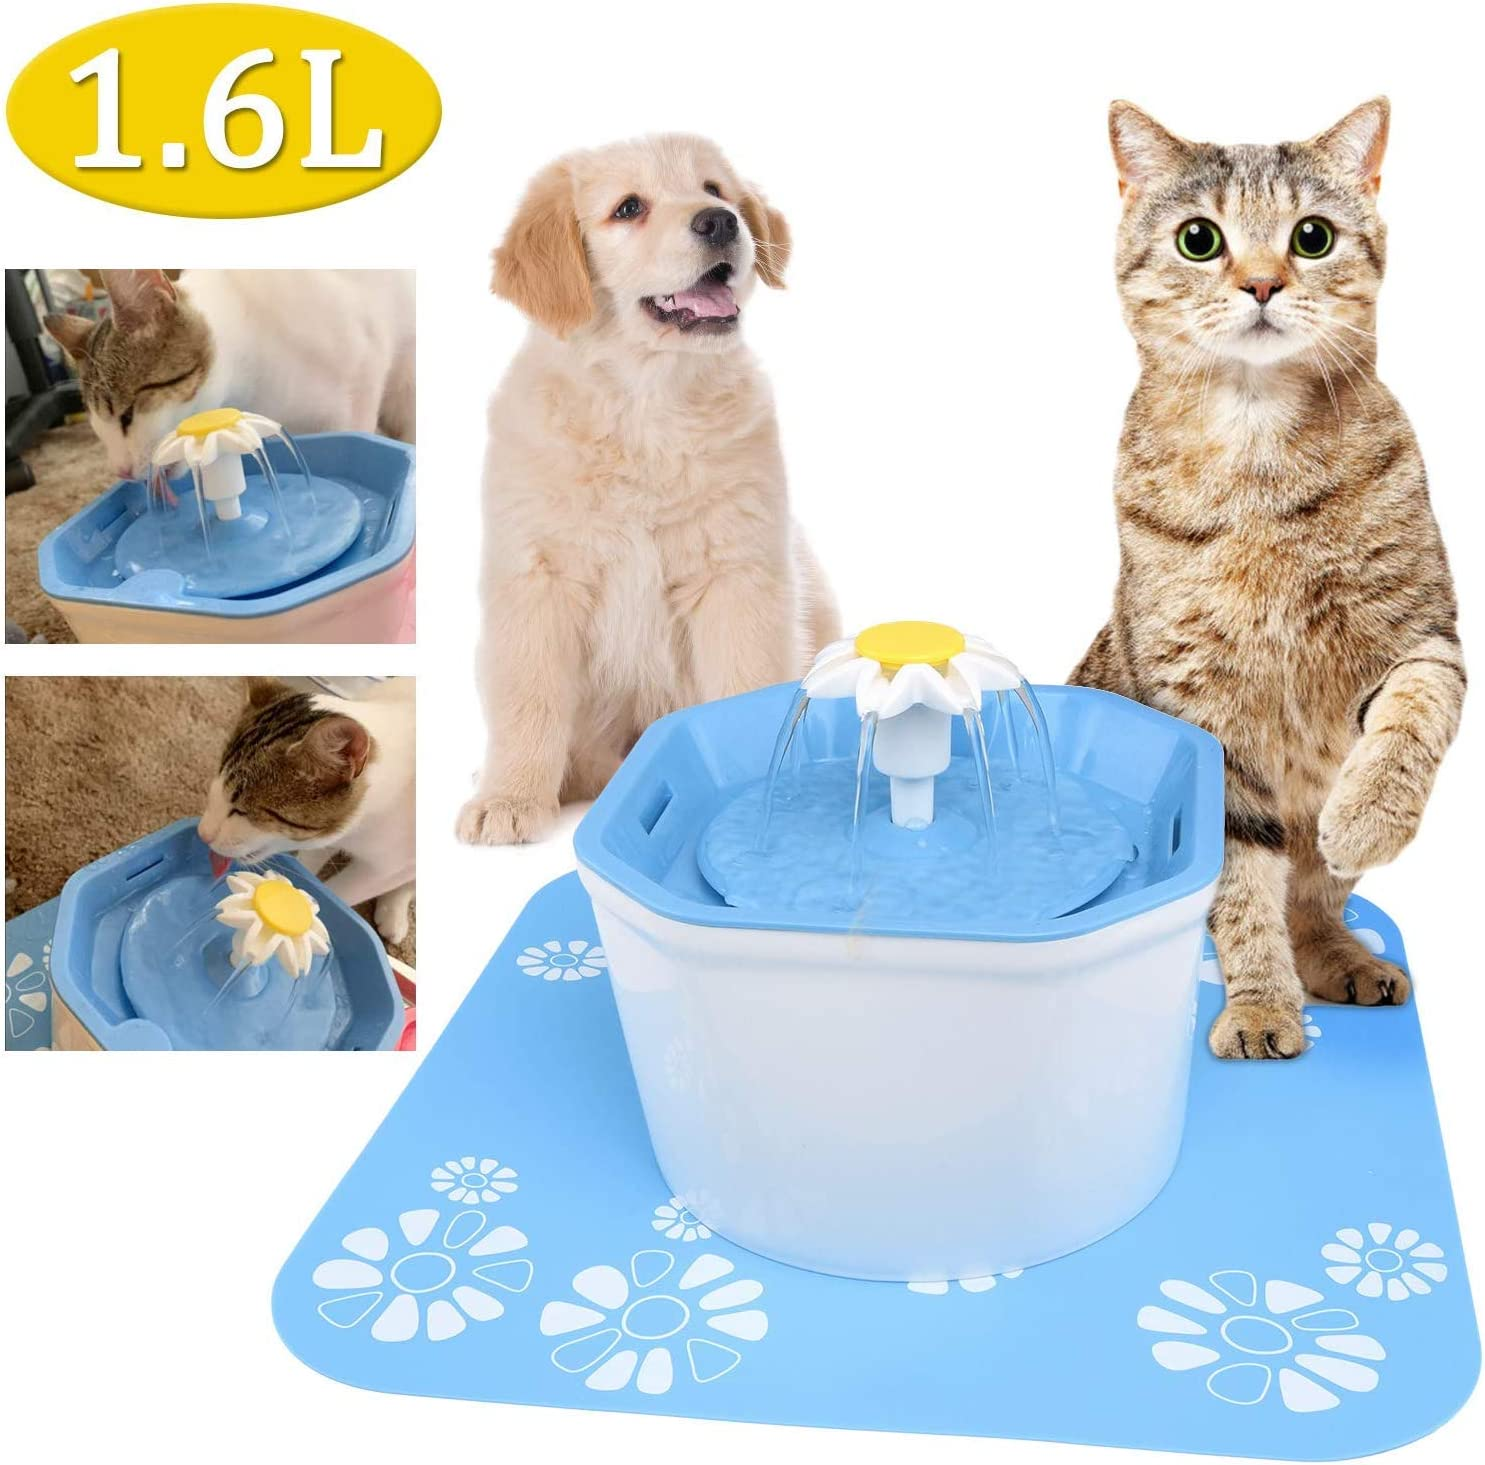 Fgyhty Automático del Animal doméstico Fuente de Agua de 1.6L eléctrico para Mascotas Bebedor Comedero para Mascotas Fuente de Agua del dispensador